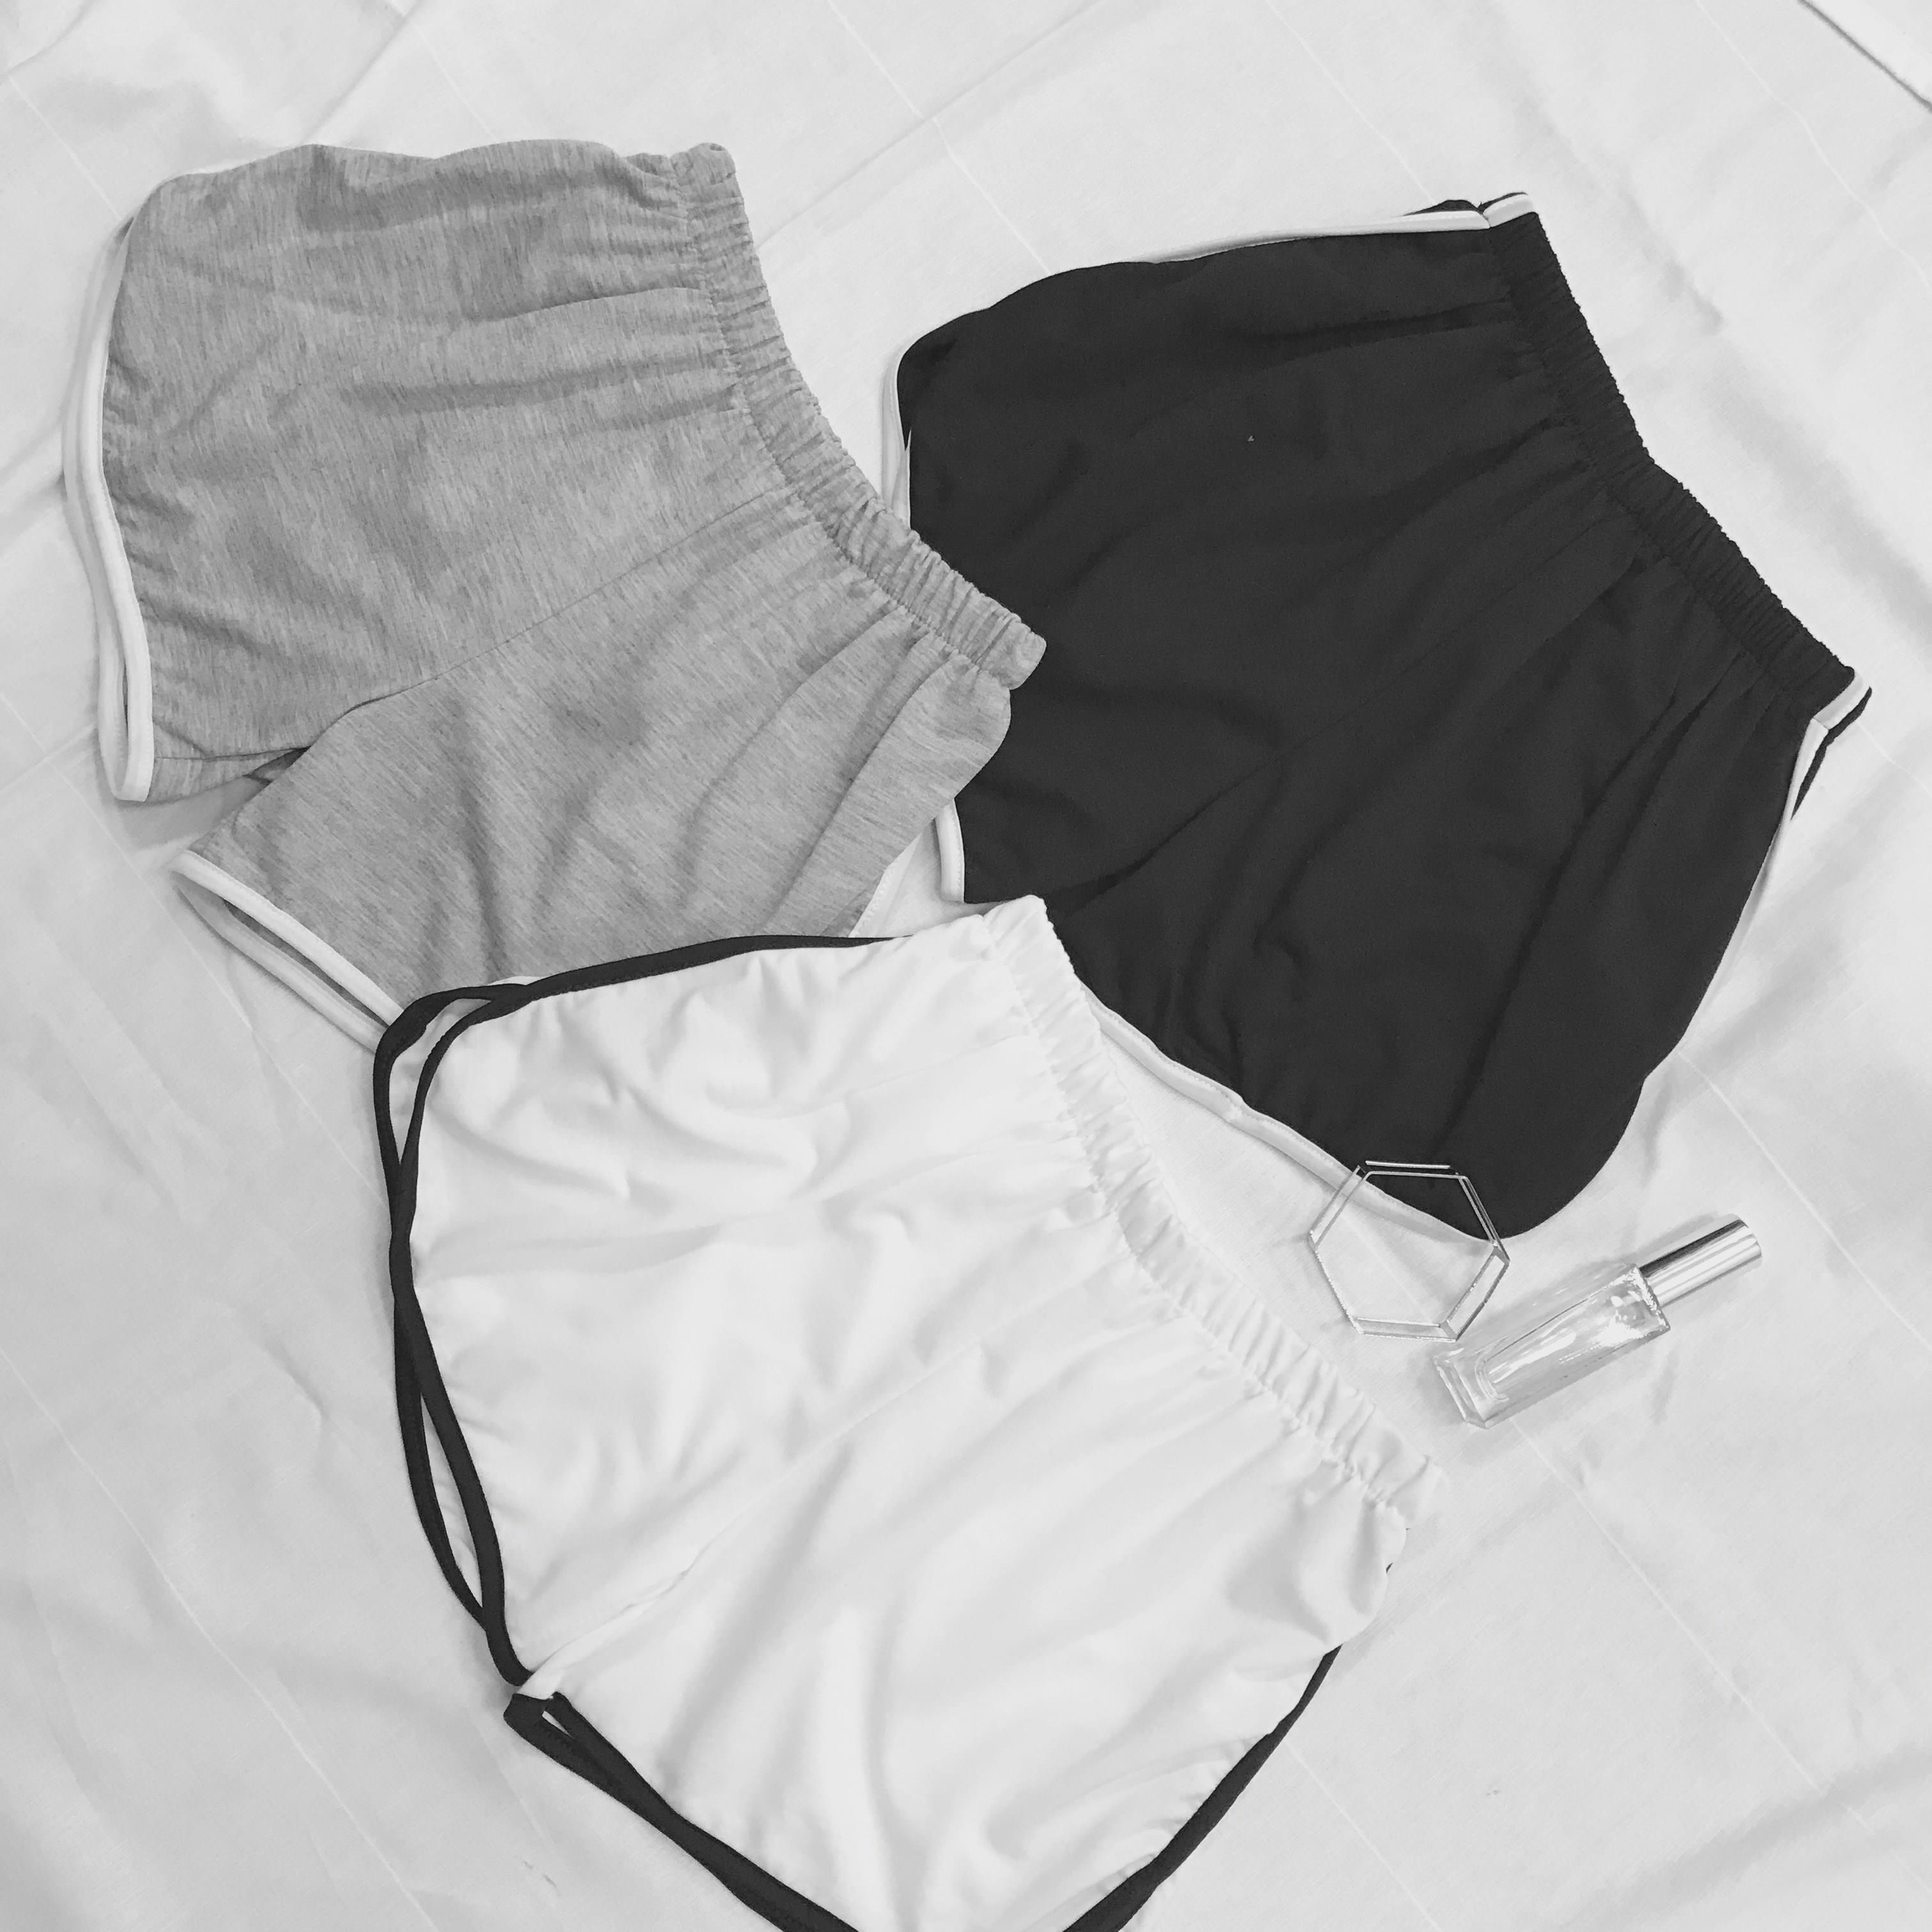 拼色%纯棉棉的耐穿纯棉夏家里时尚好配运动短裤居家薄款流行松紧